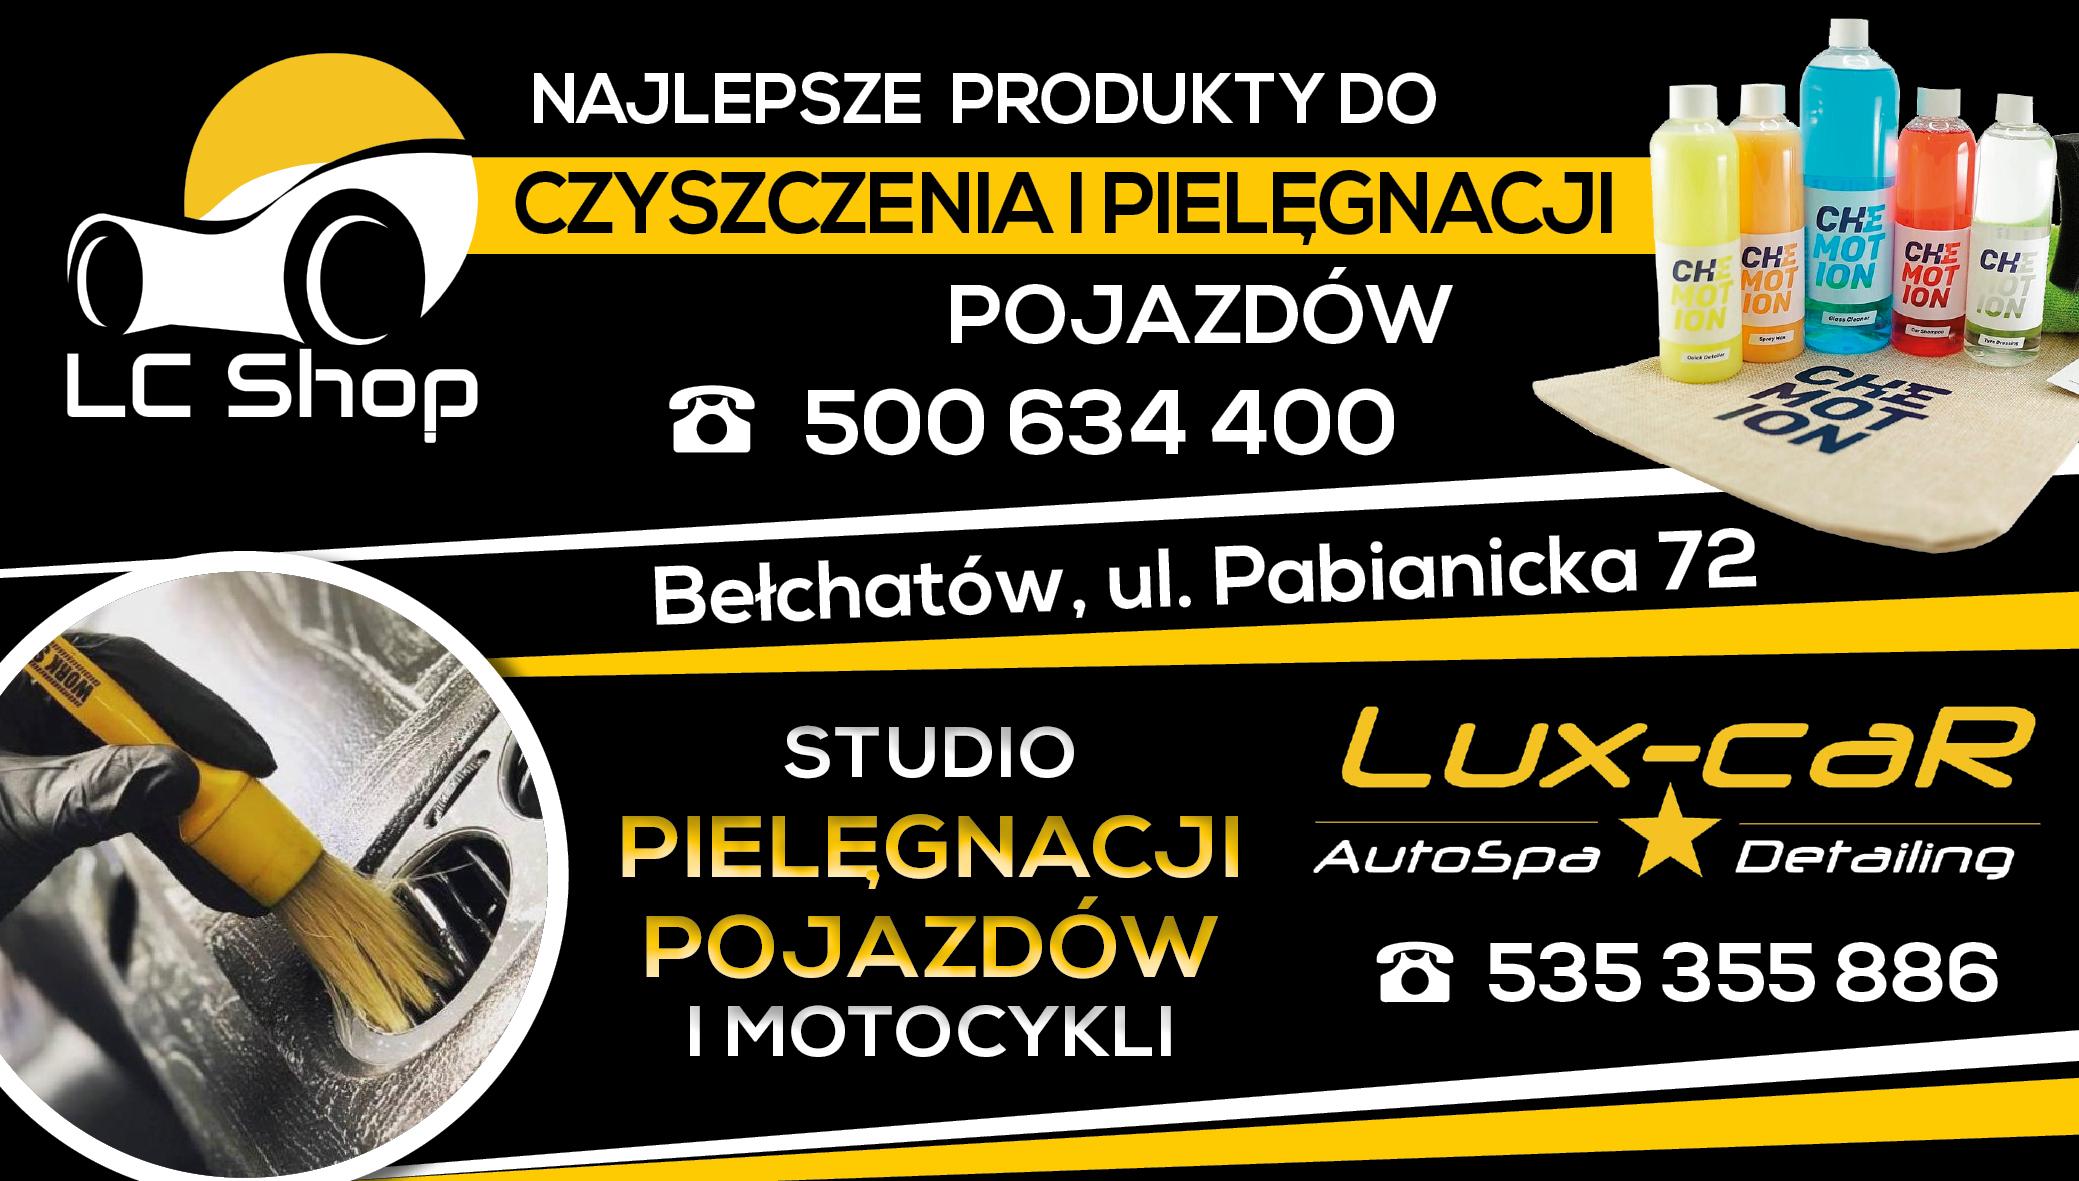 Auto Spa Lux Car oraz LC Shop Detailing - czyli sposób na samochód, jak z salonu! - Zdjęcie główne